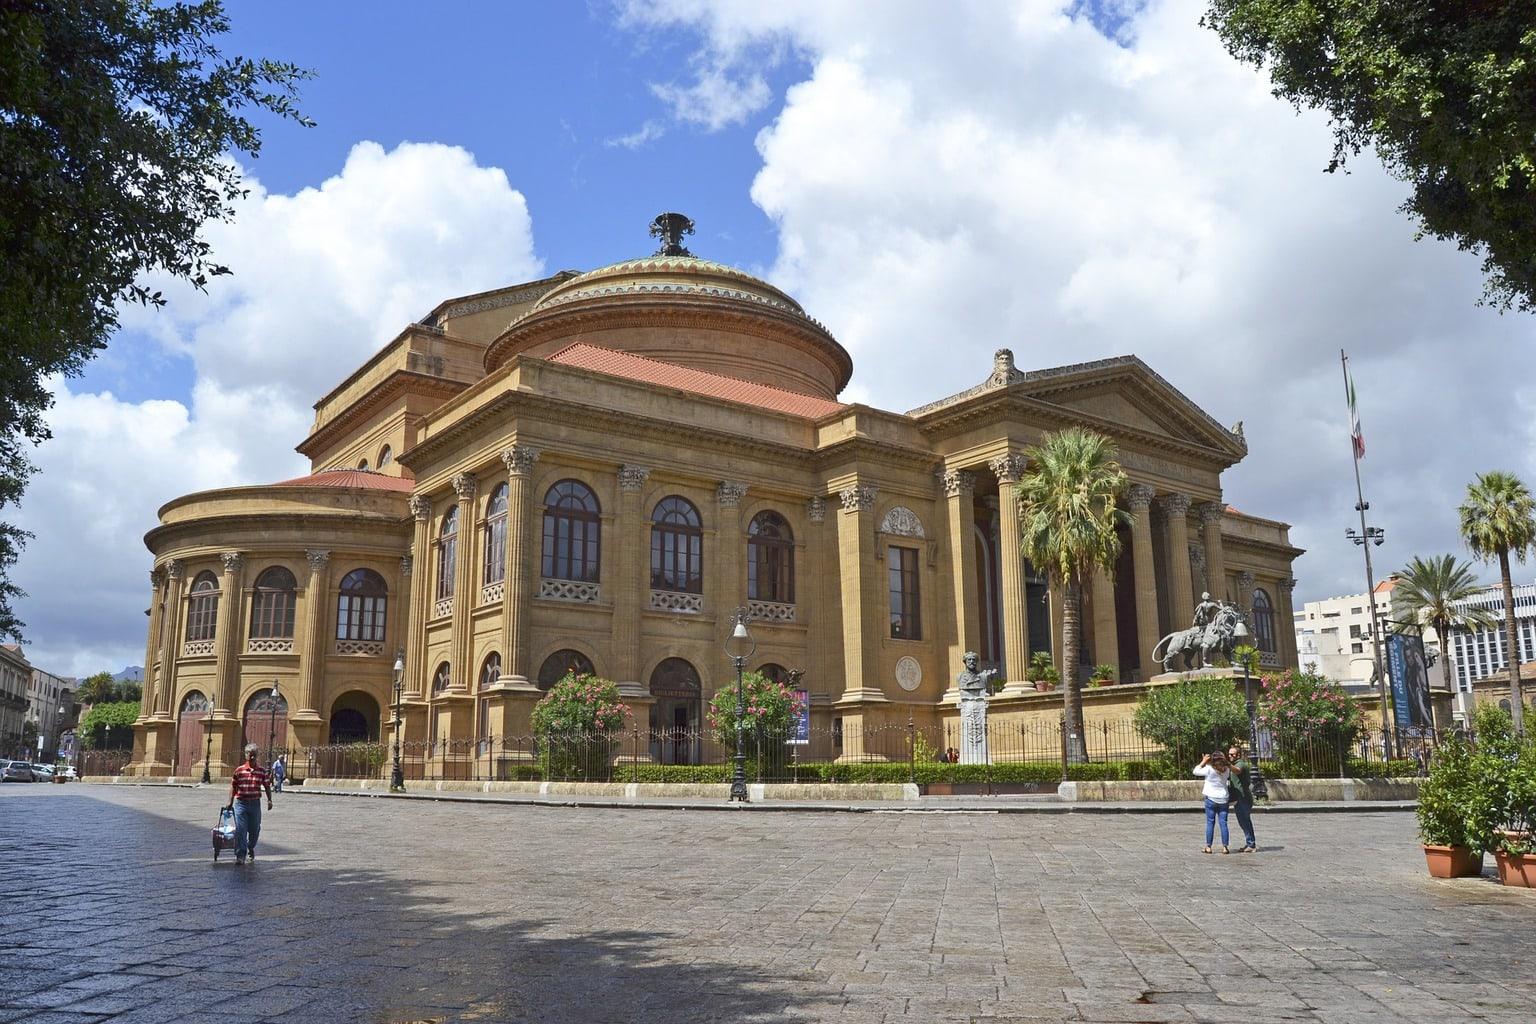 Palermo's Massimo Theatre